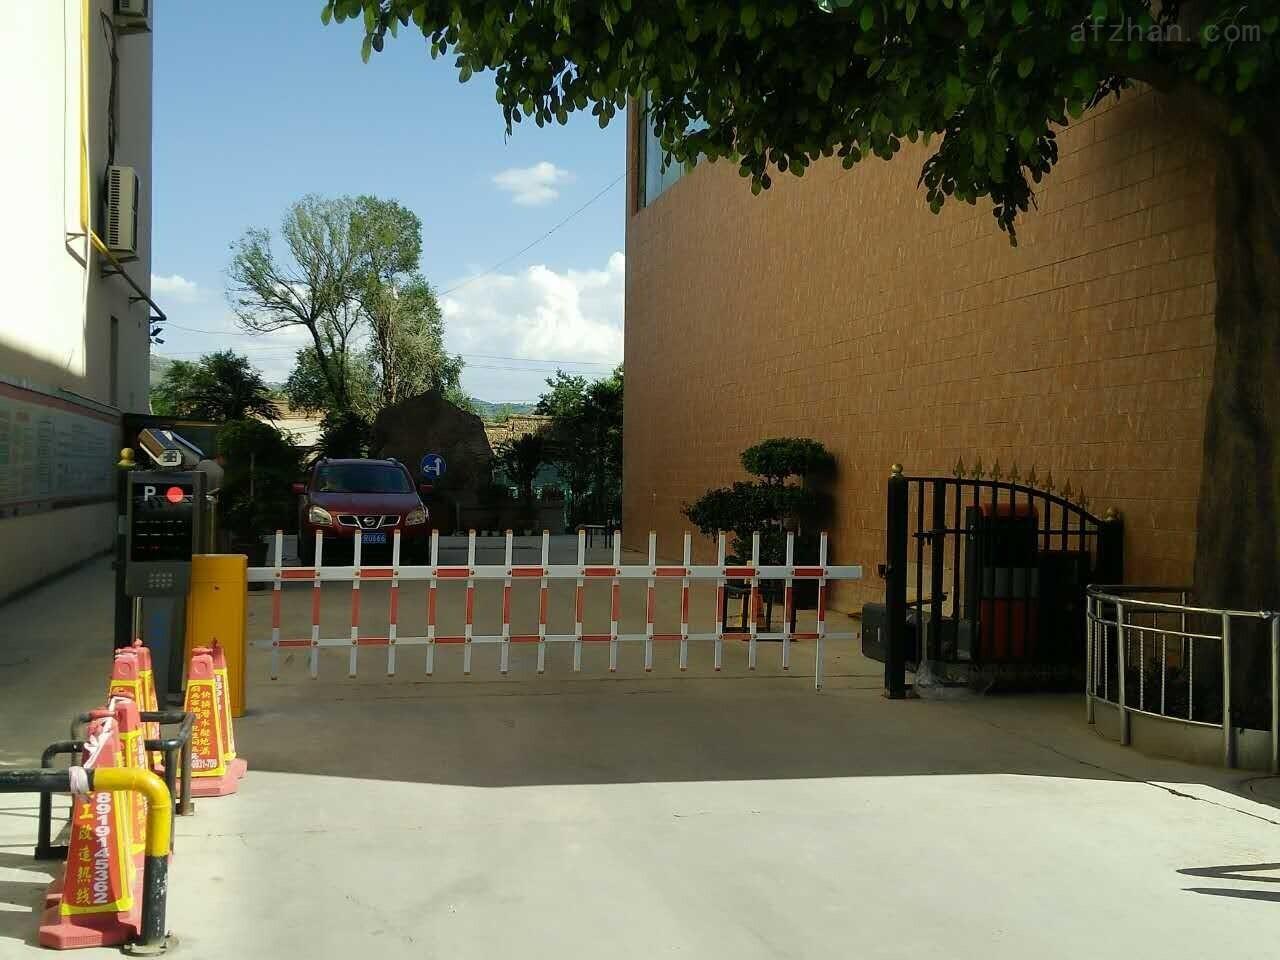 甘肃停车场管理系统常见故障维修方法